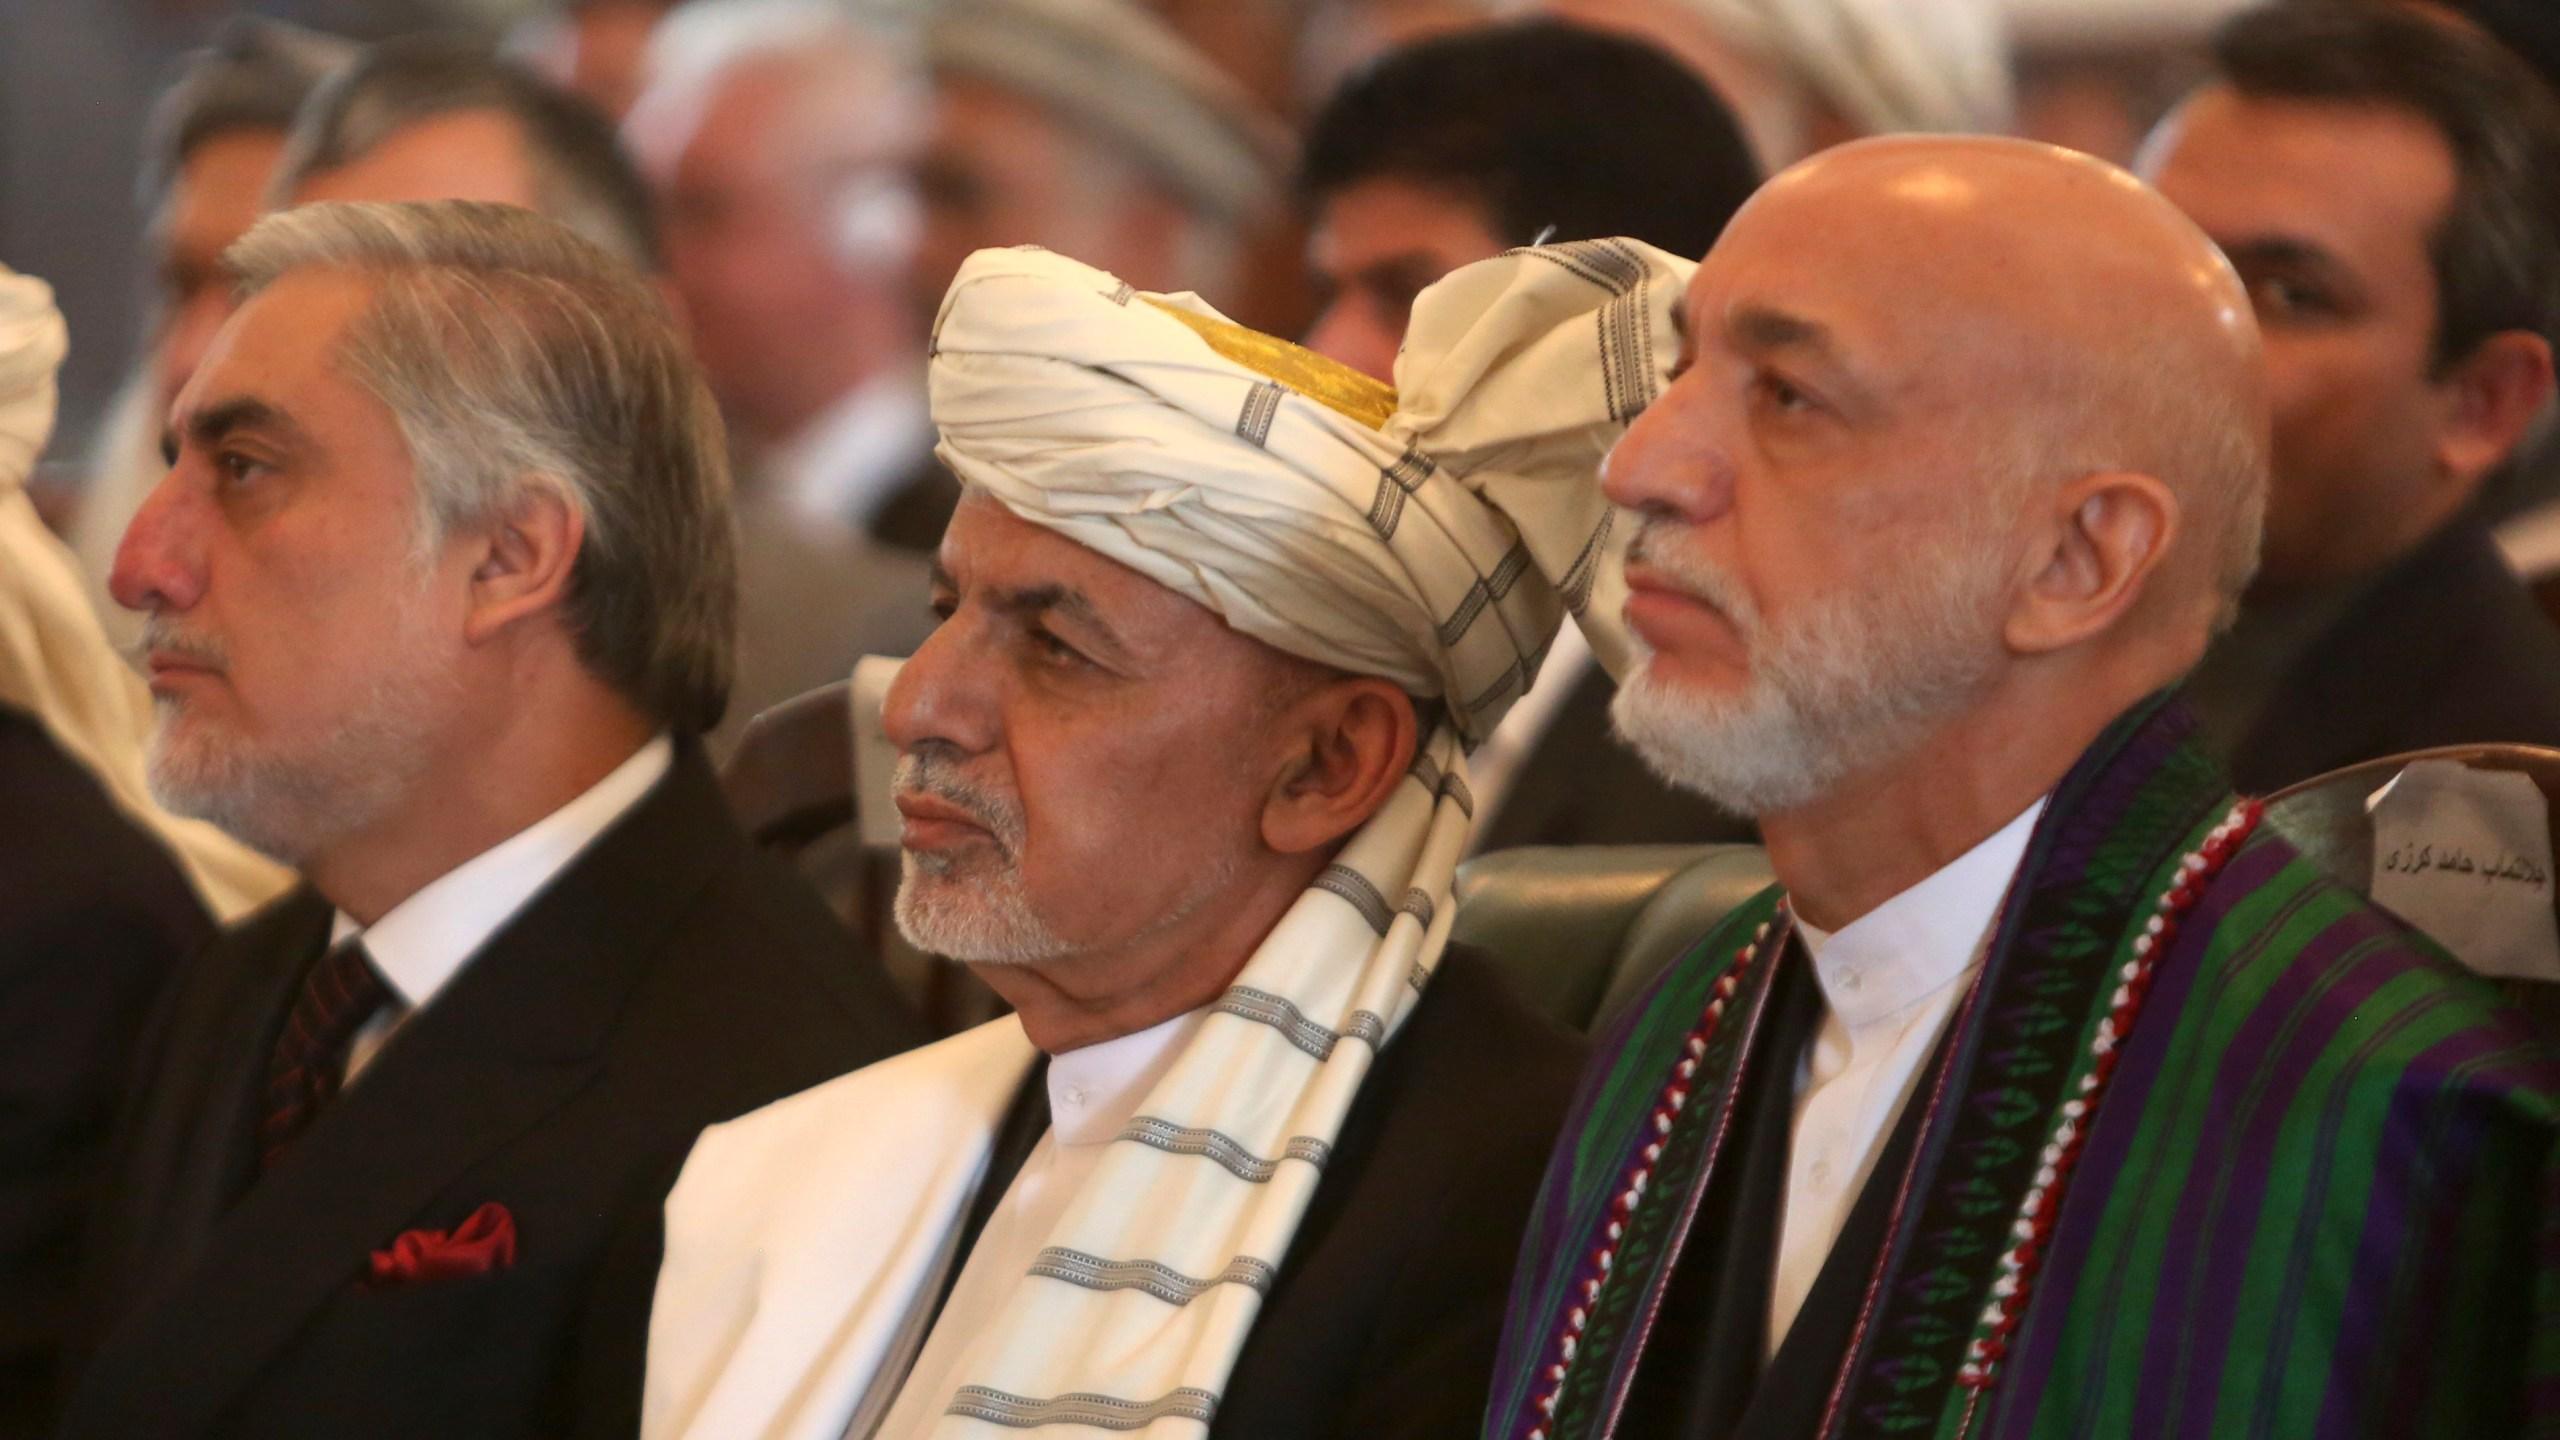 Ashraf Ghani, Hamid Karzai, Abdullah Abdullah